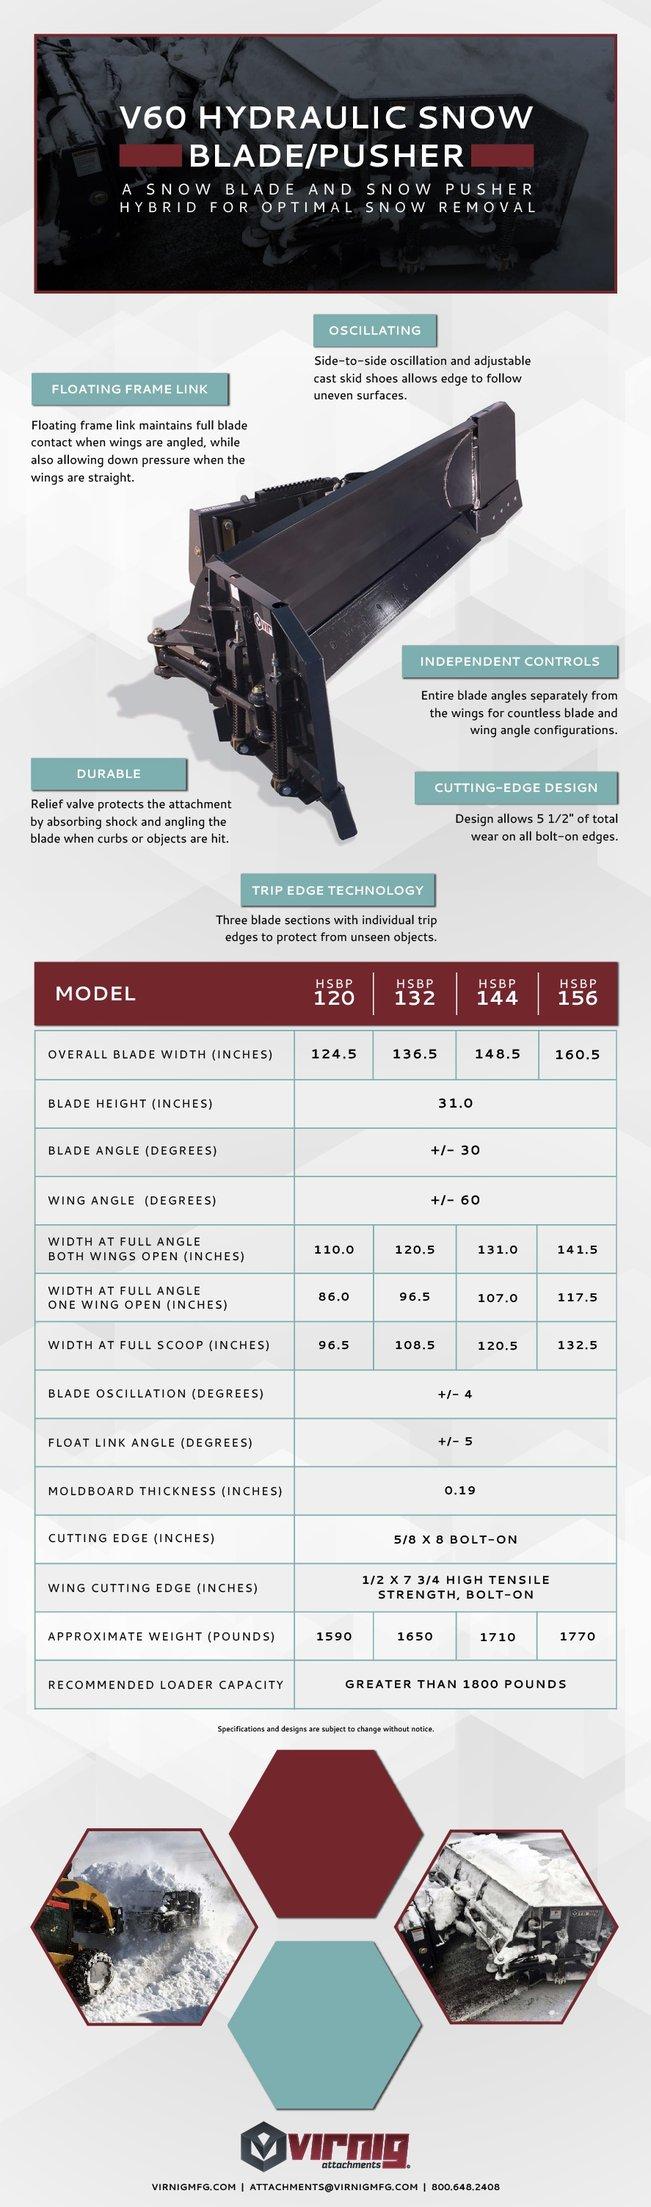 Virnig-V60-Infographic.jpg